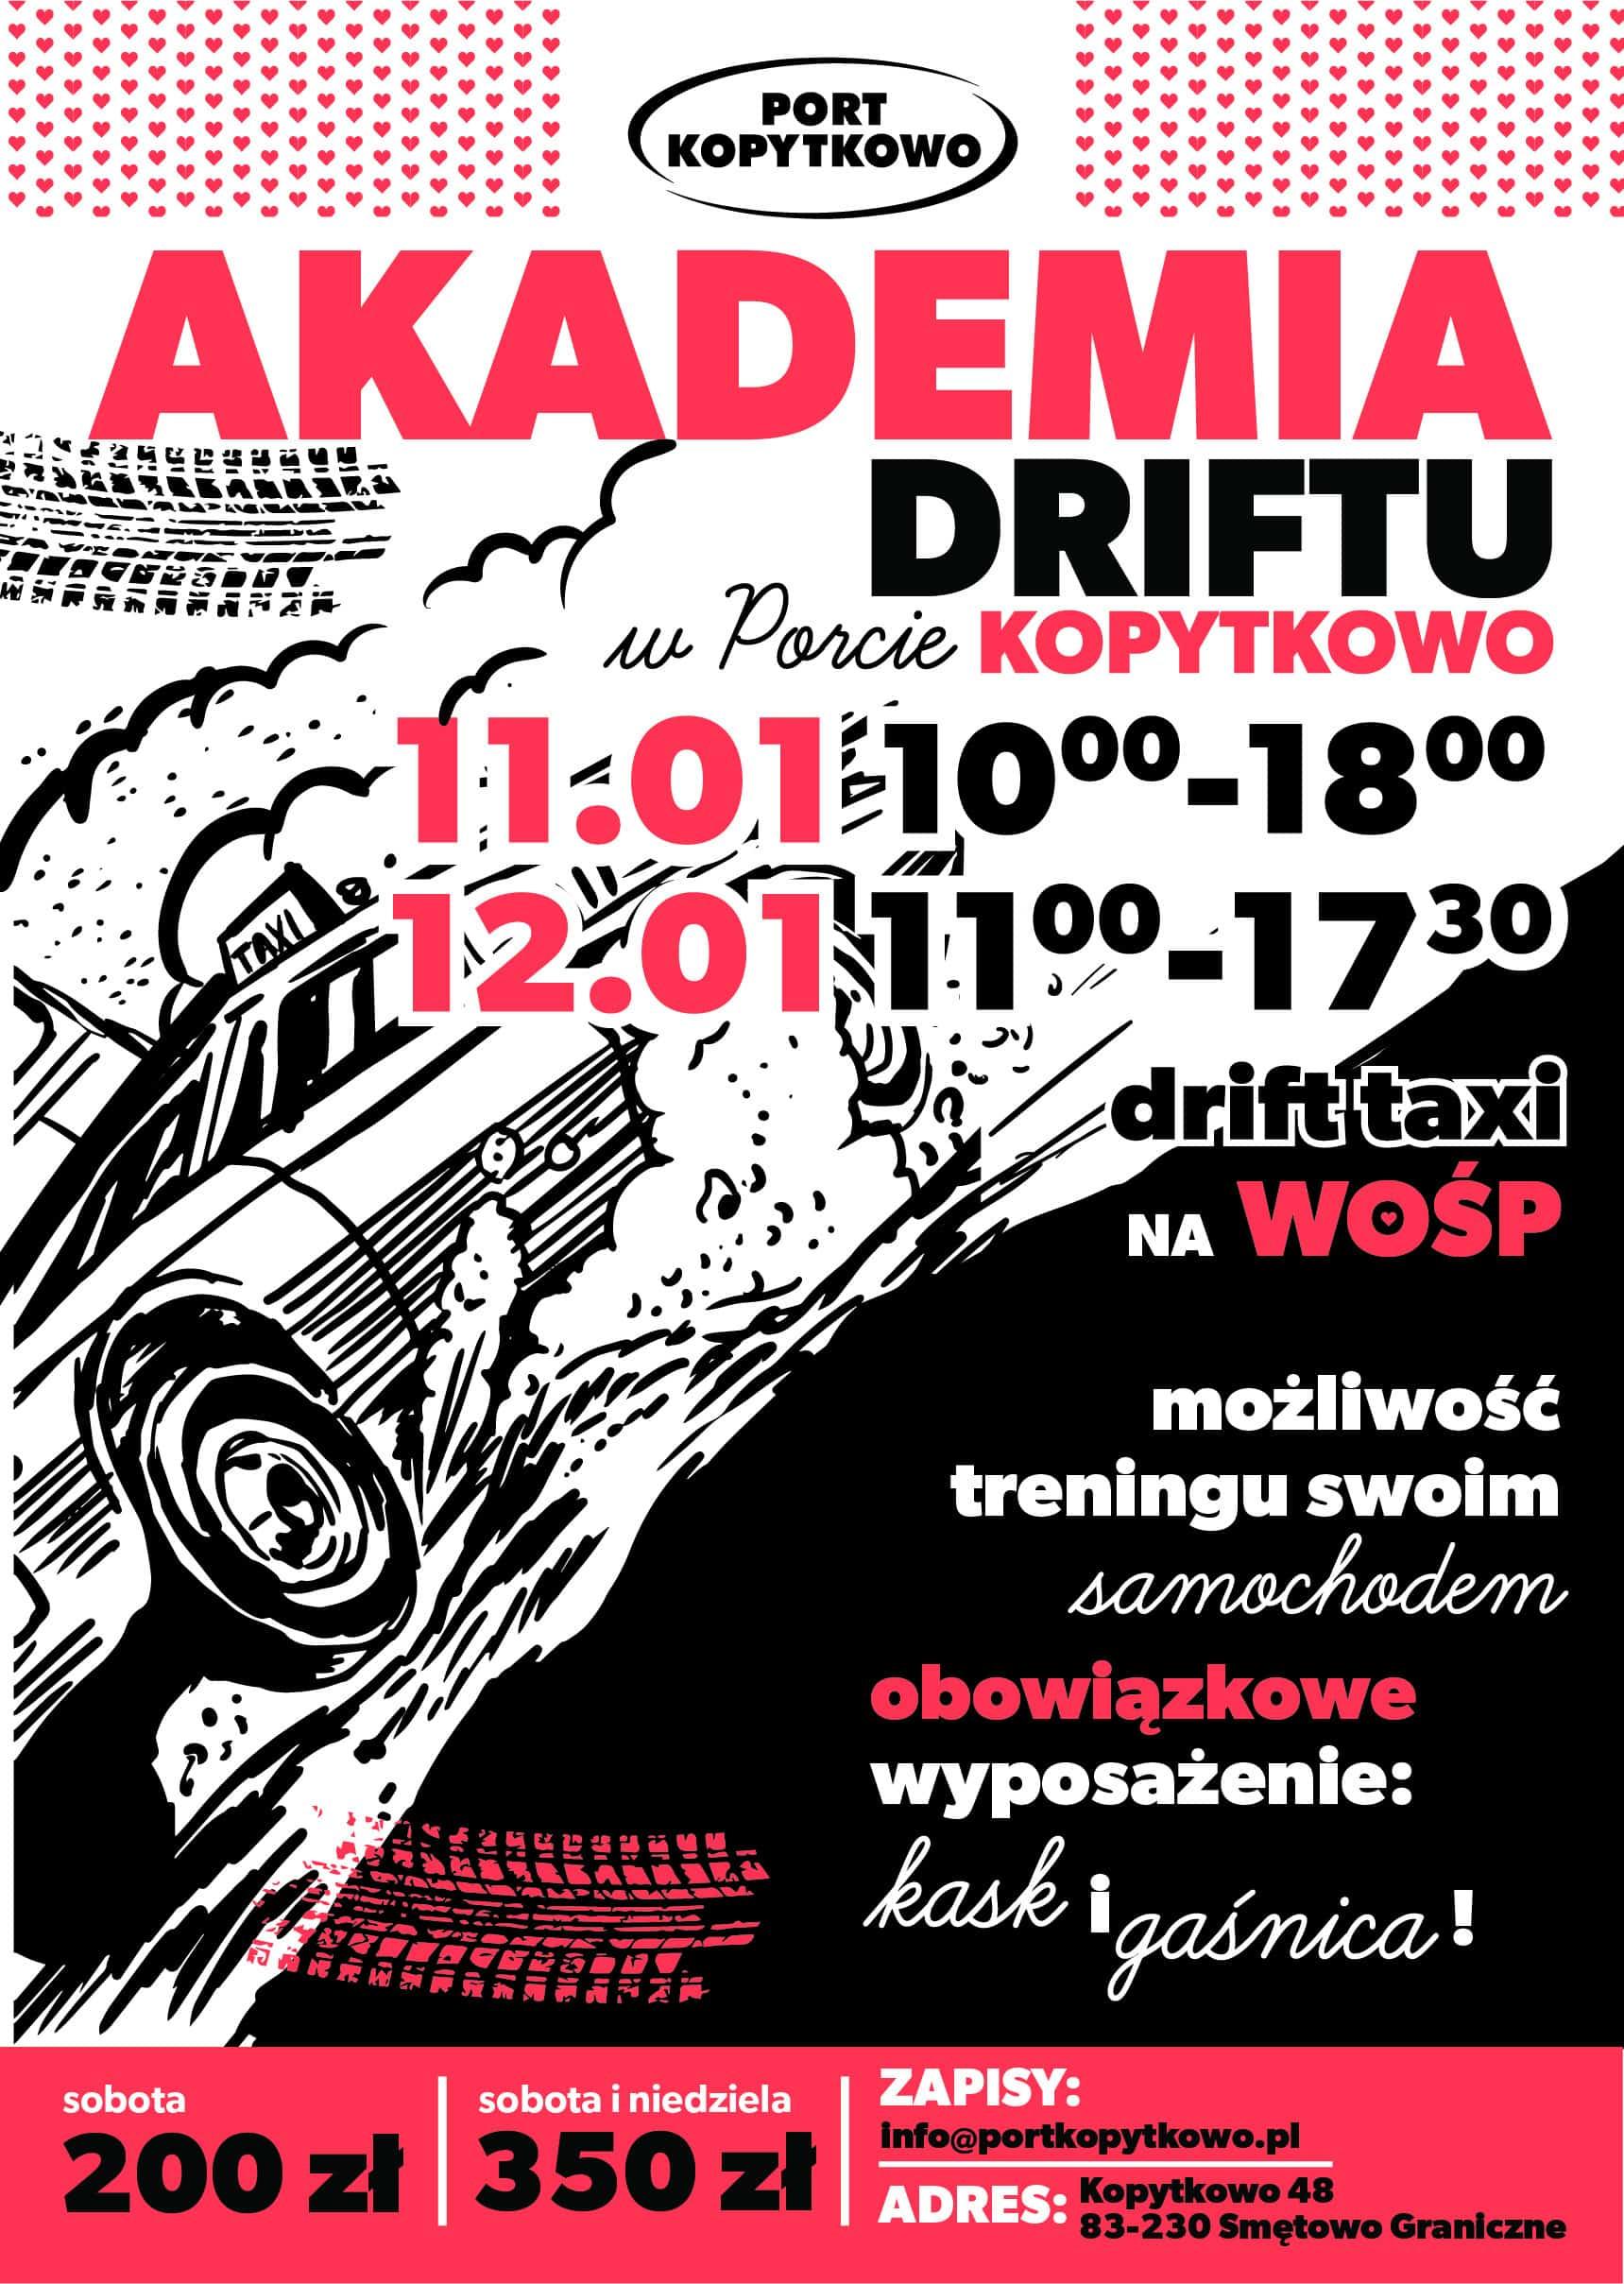 Akademia Driftu 11-12.01.2020